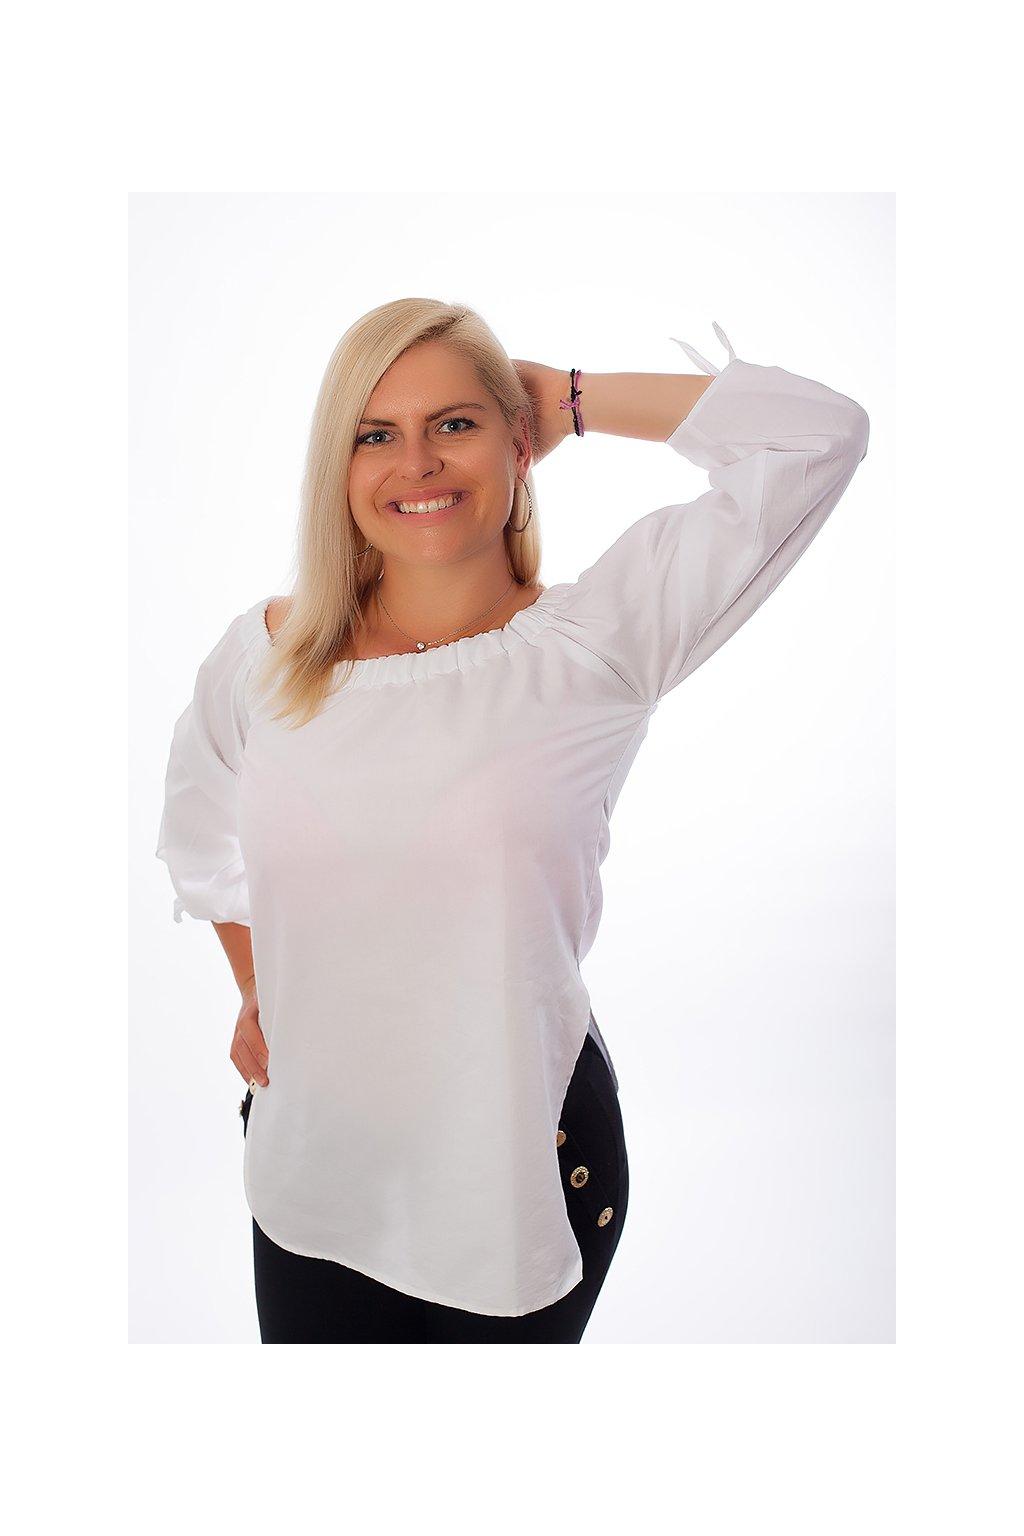 Košilová plátěná halenka Jess ZURI s uzly bílá 4